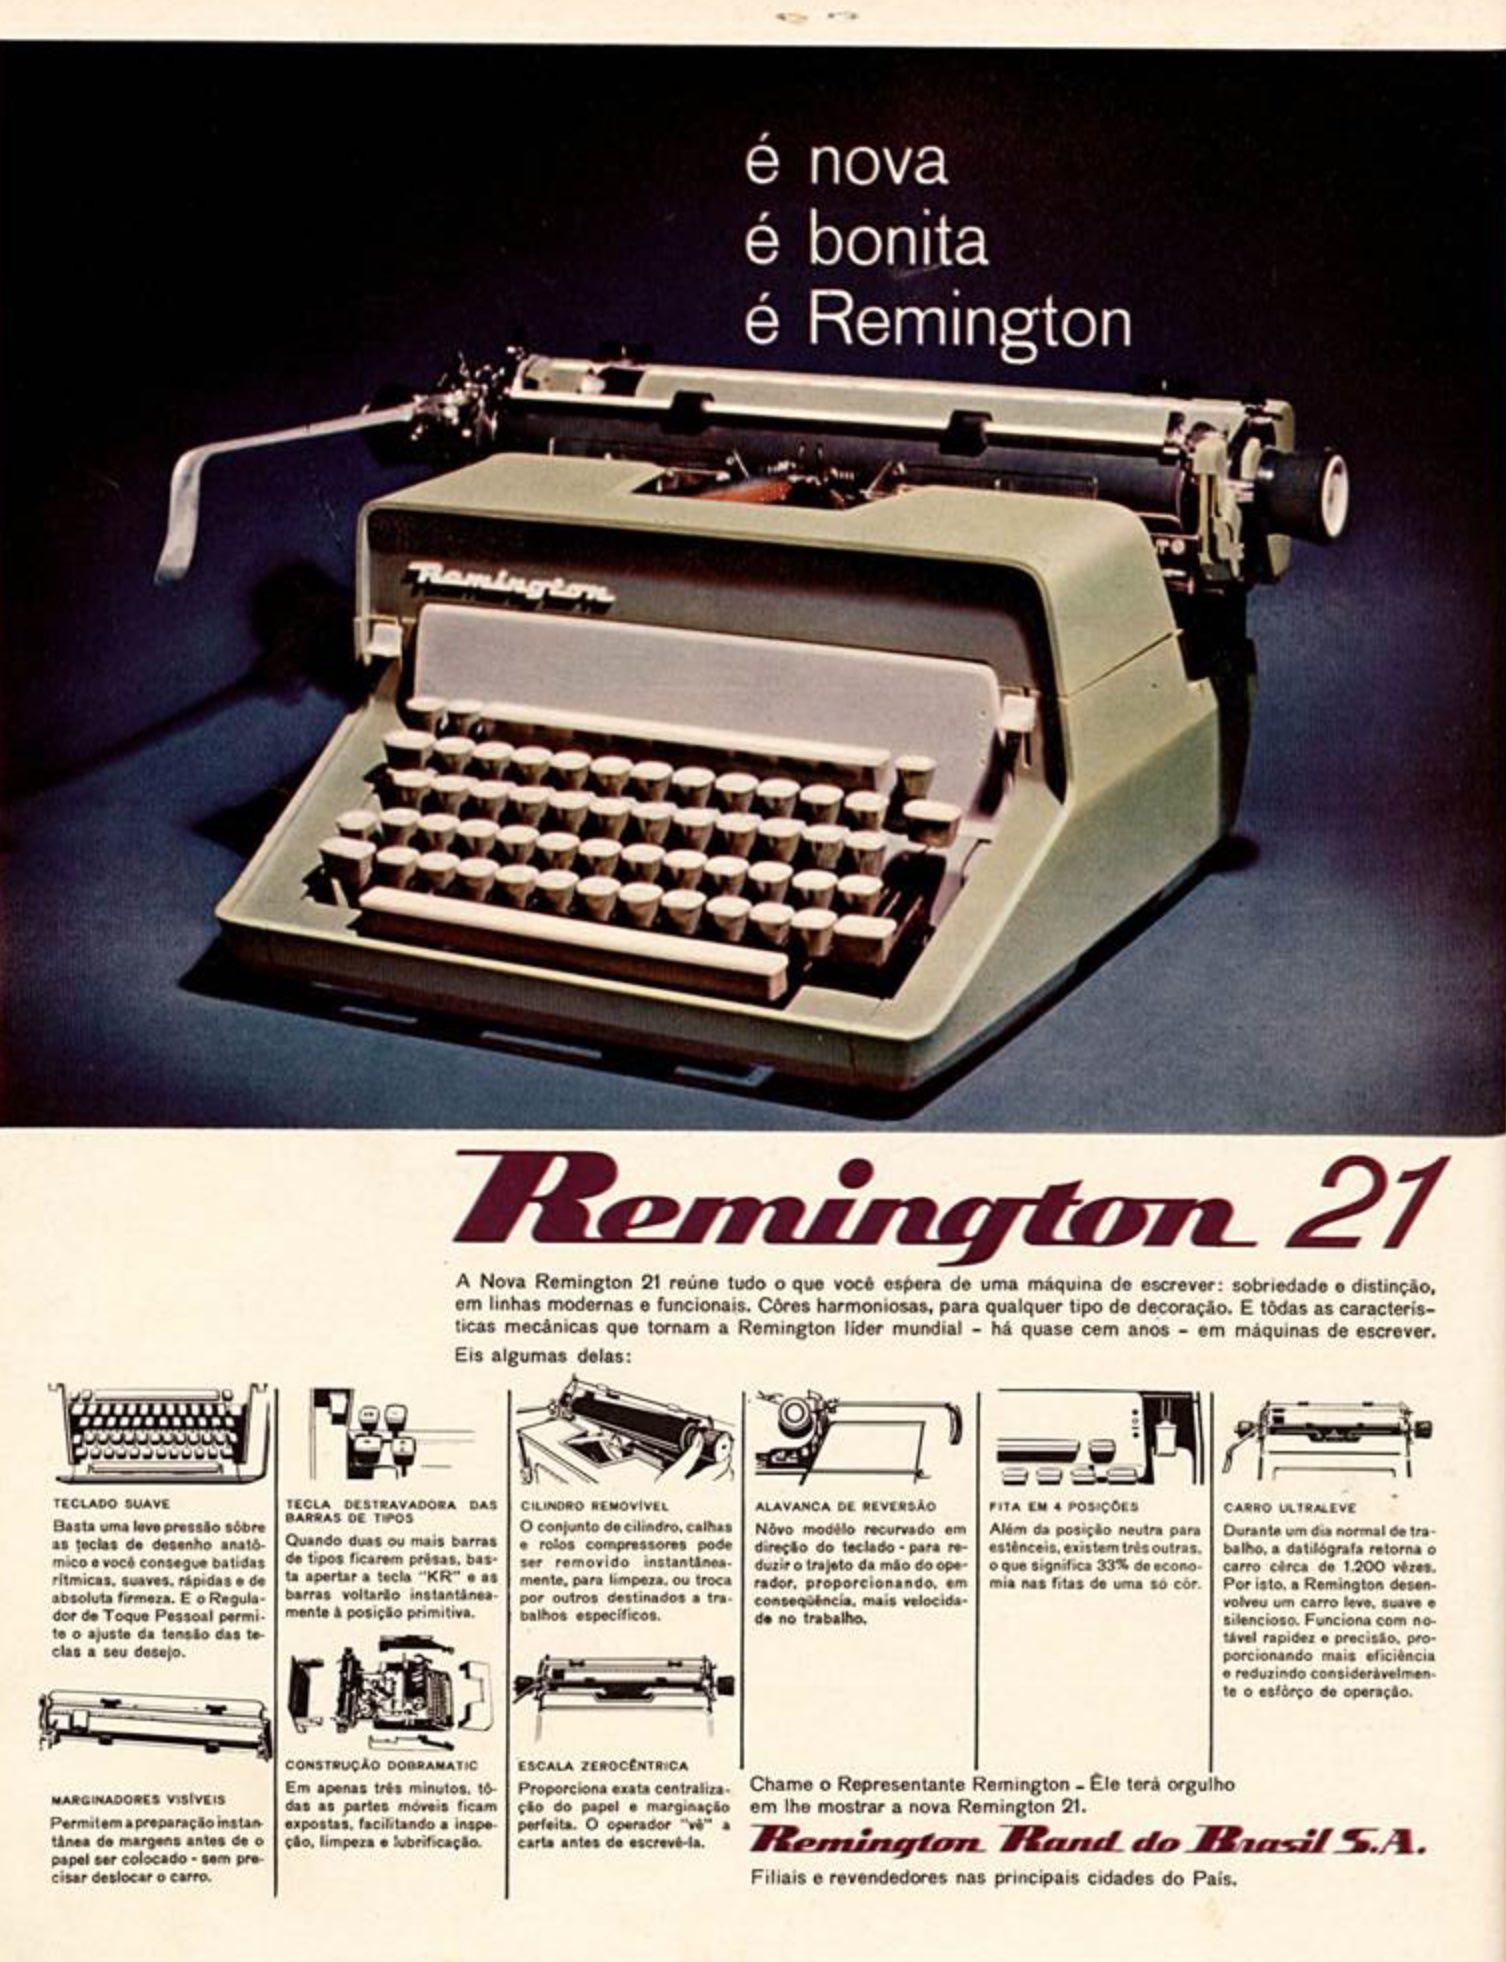 Anúncio veiculado em 1966 apresentando as inovações da máquina de escrever Remington